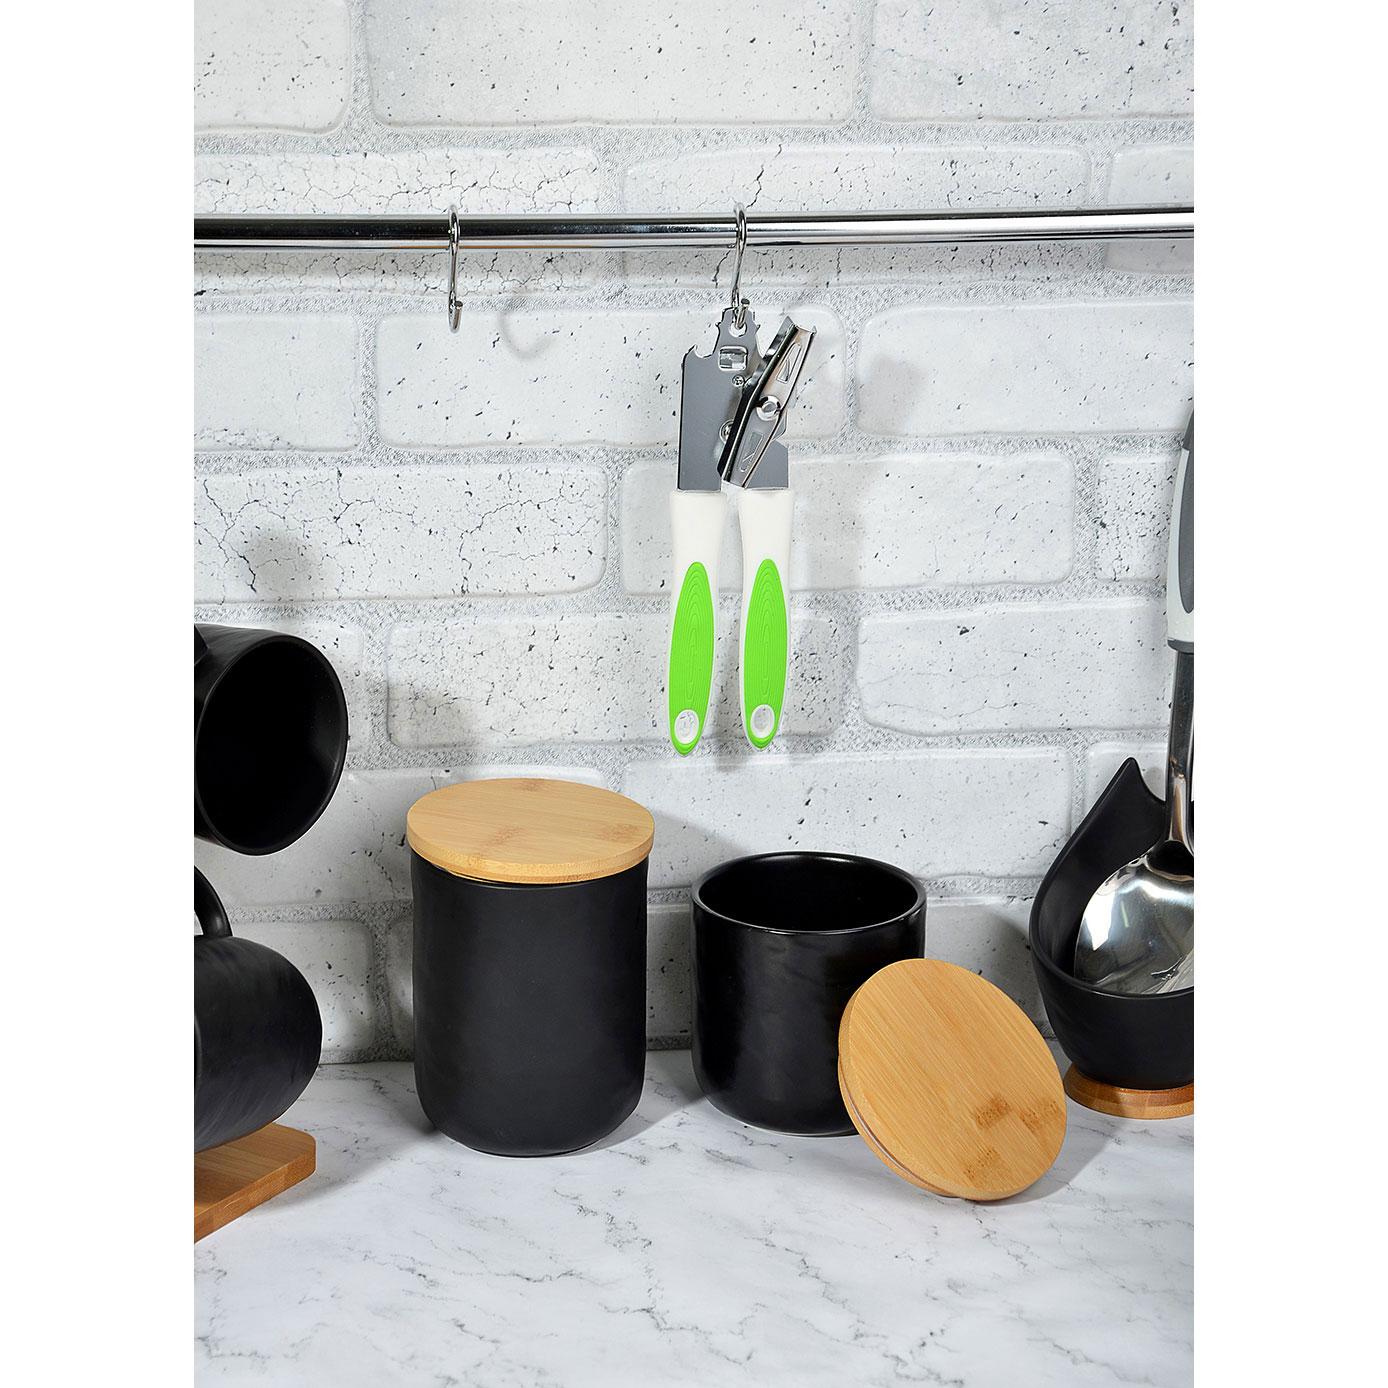 Открывалка для консервных банок, металл/пластик, 2 цвета, Смарт VETTA